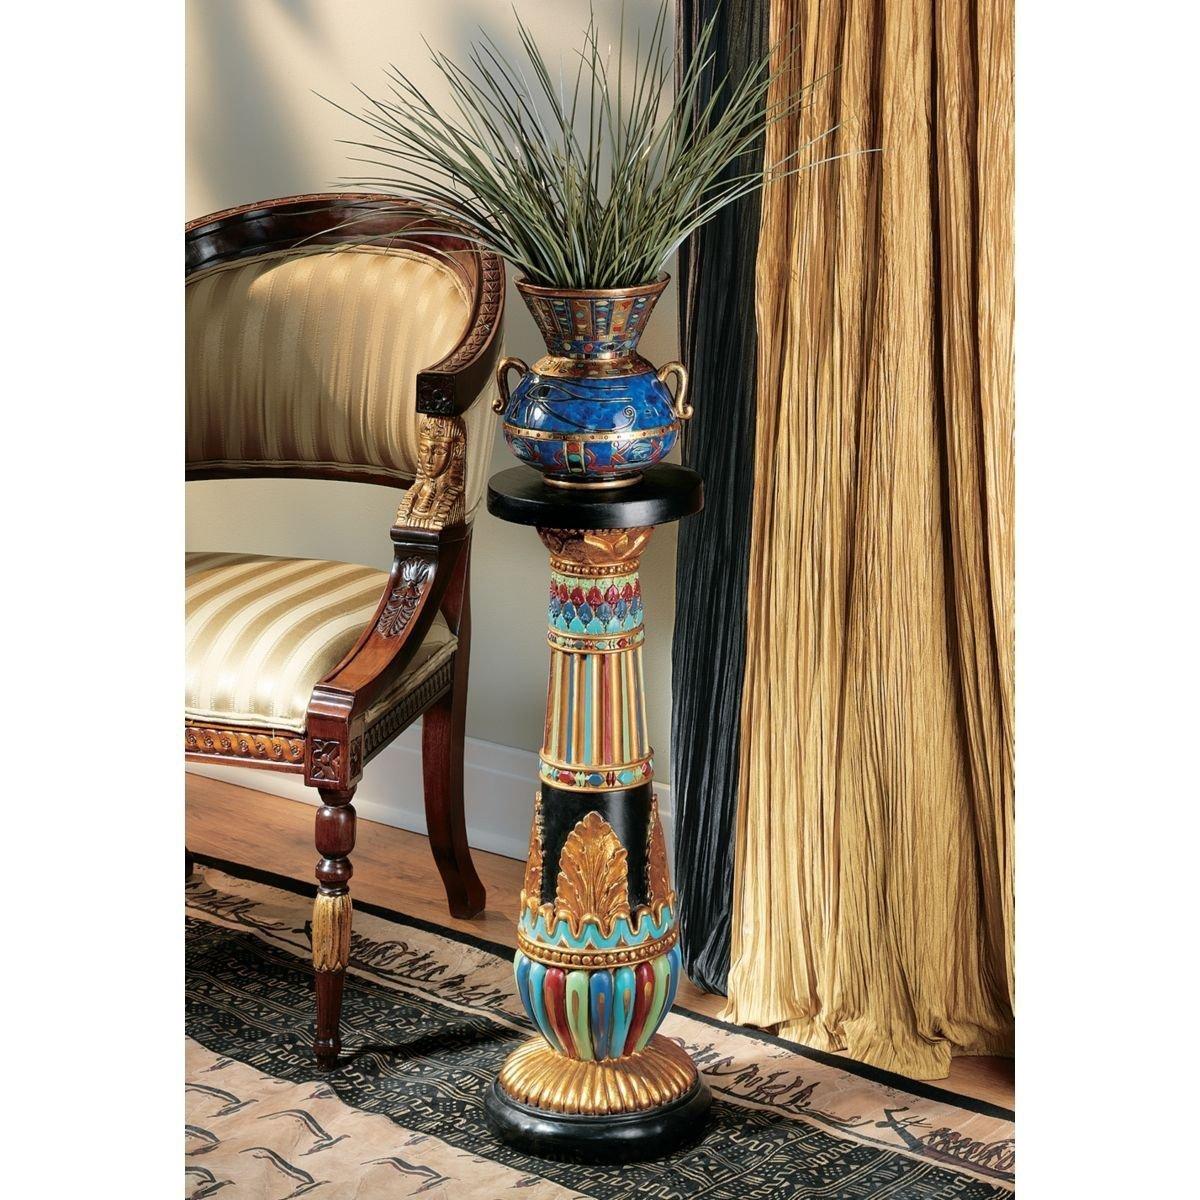 デザイン・トスカノ製 豪奢な、古代エジプト ルクソール彫刻台座 彫像/ Design Toscano Regal Egyptian Luxor Sculptural Pedestal(輸入品)